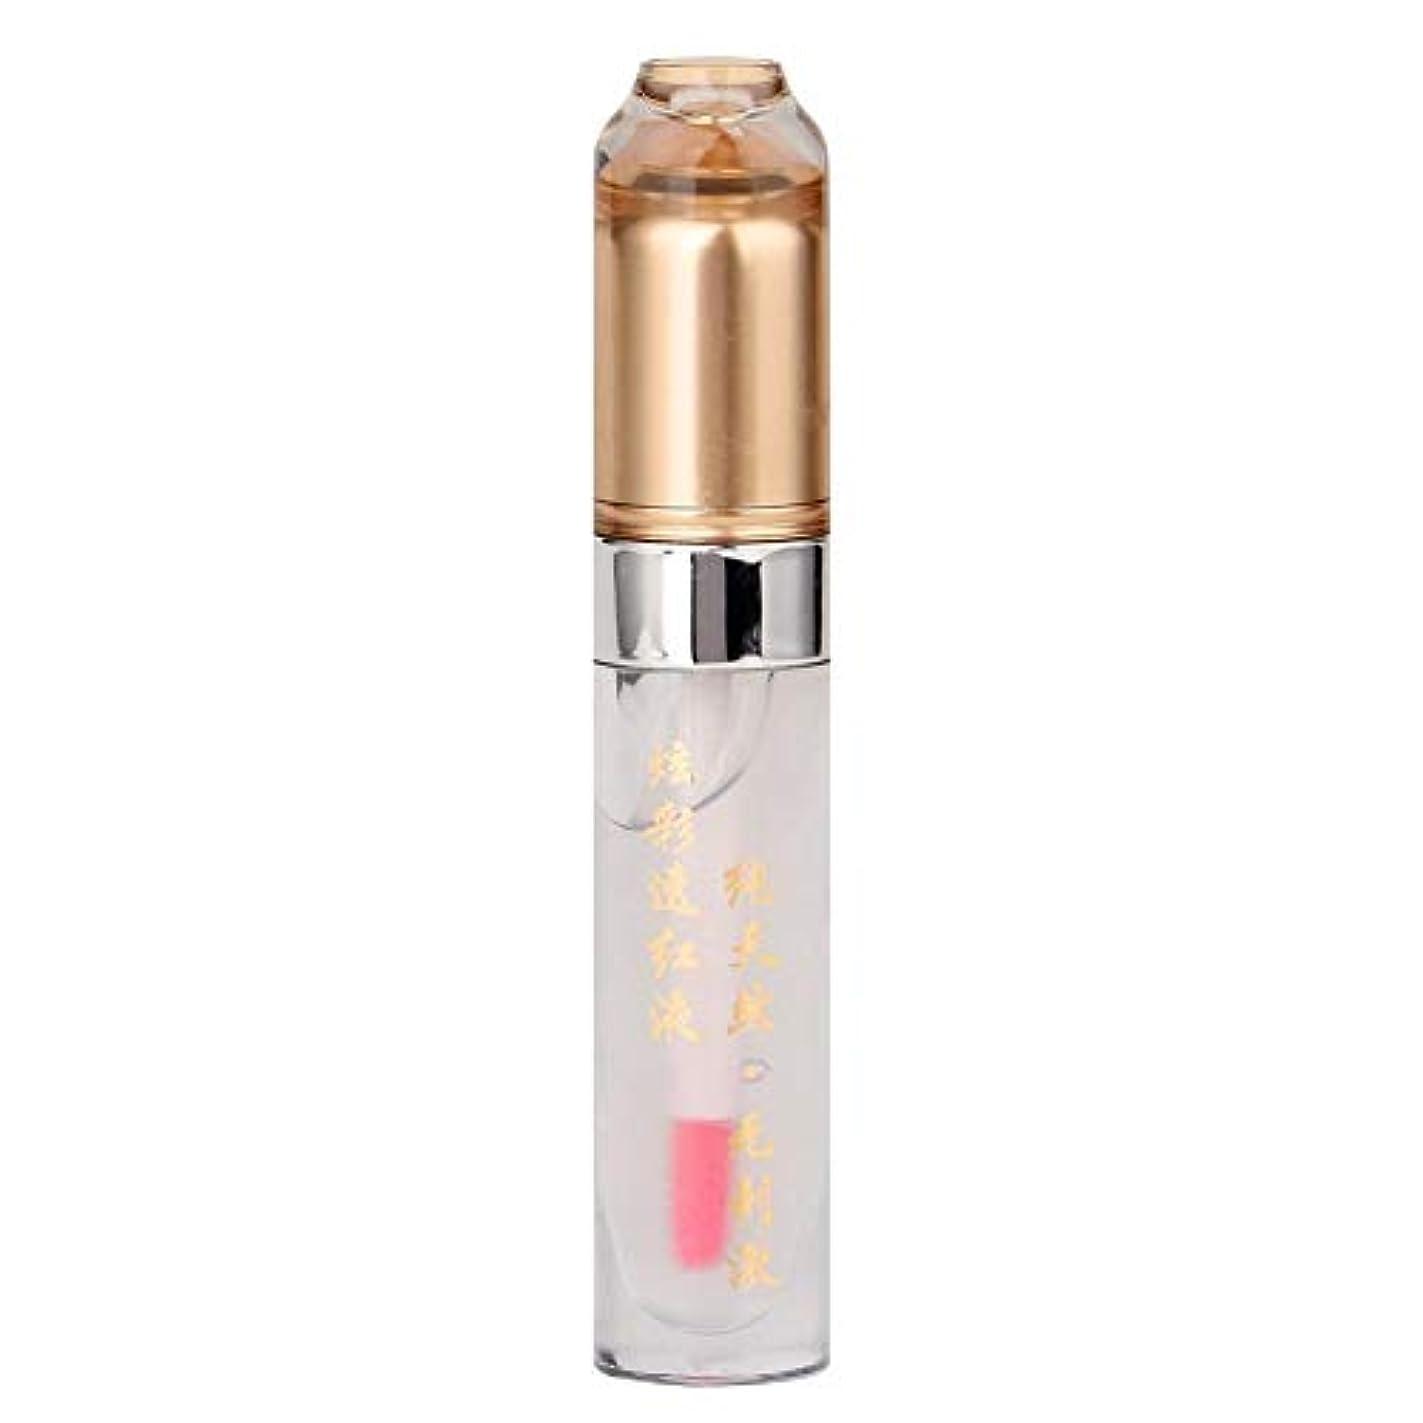 一時停止圧倒的十温度変化口紅、唇、乳首、乳輪およびその他の部品のためのピンクのゲル温度変色保湿口紅